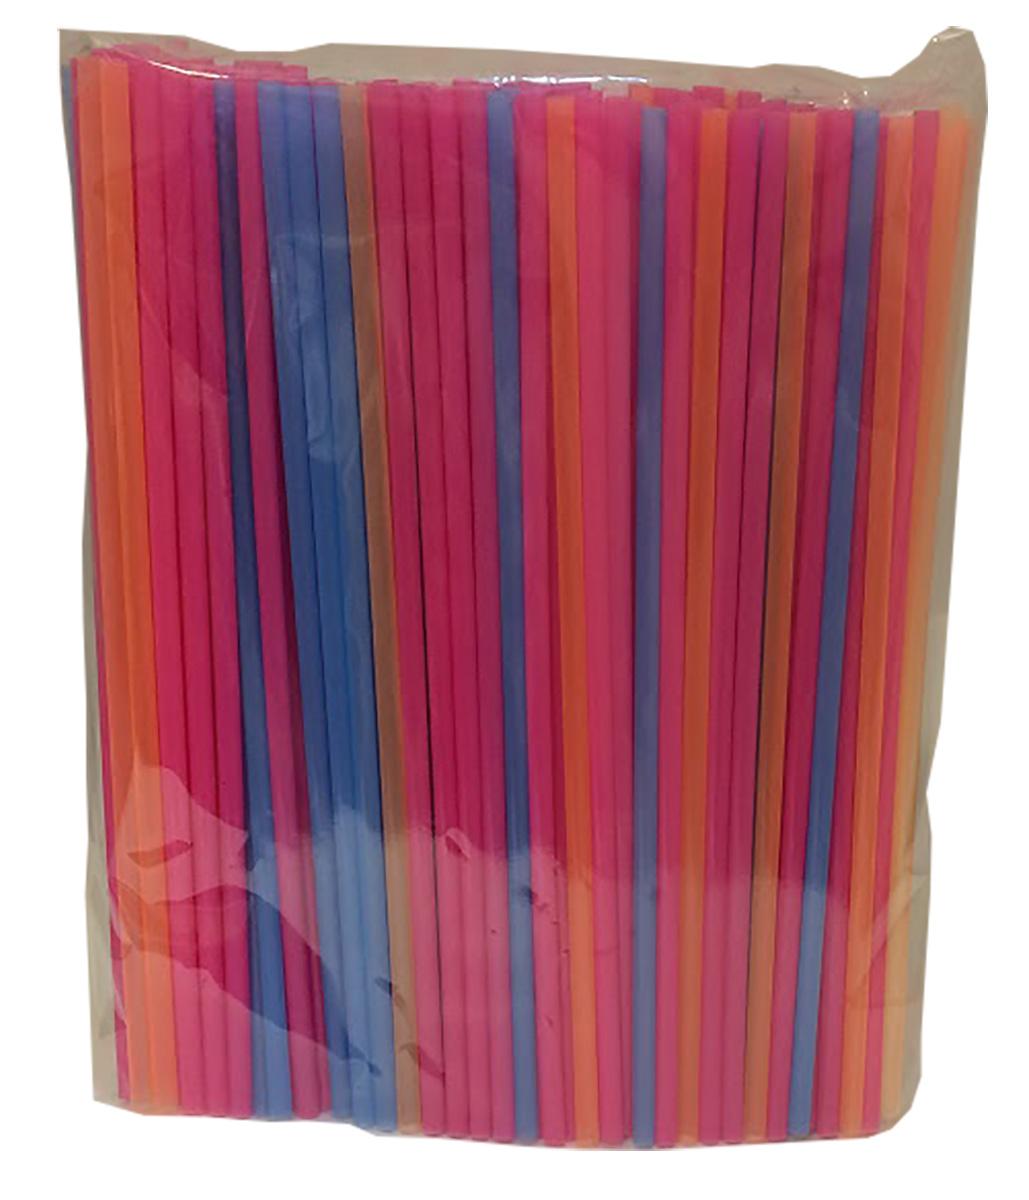 Трубочки для коктейлей Фарт, без изгиба, 210 х 5 мм, 250 шт трубочки для коктейлей фарт прямые прозрачные 240 х 8 мм 500 шт